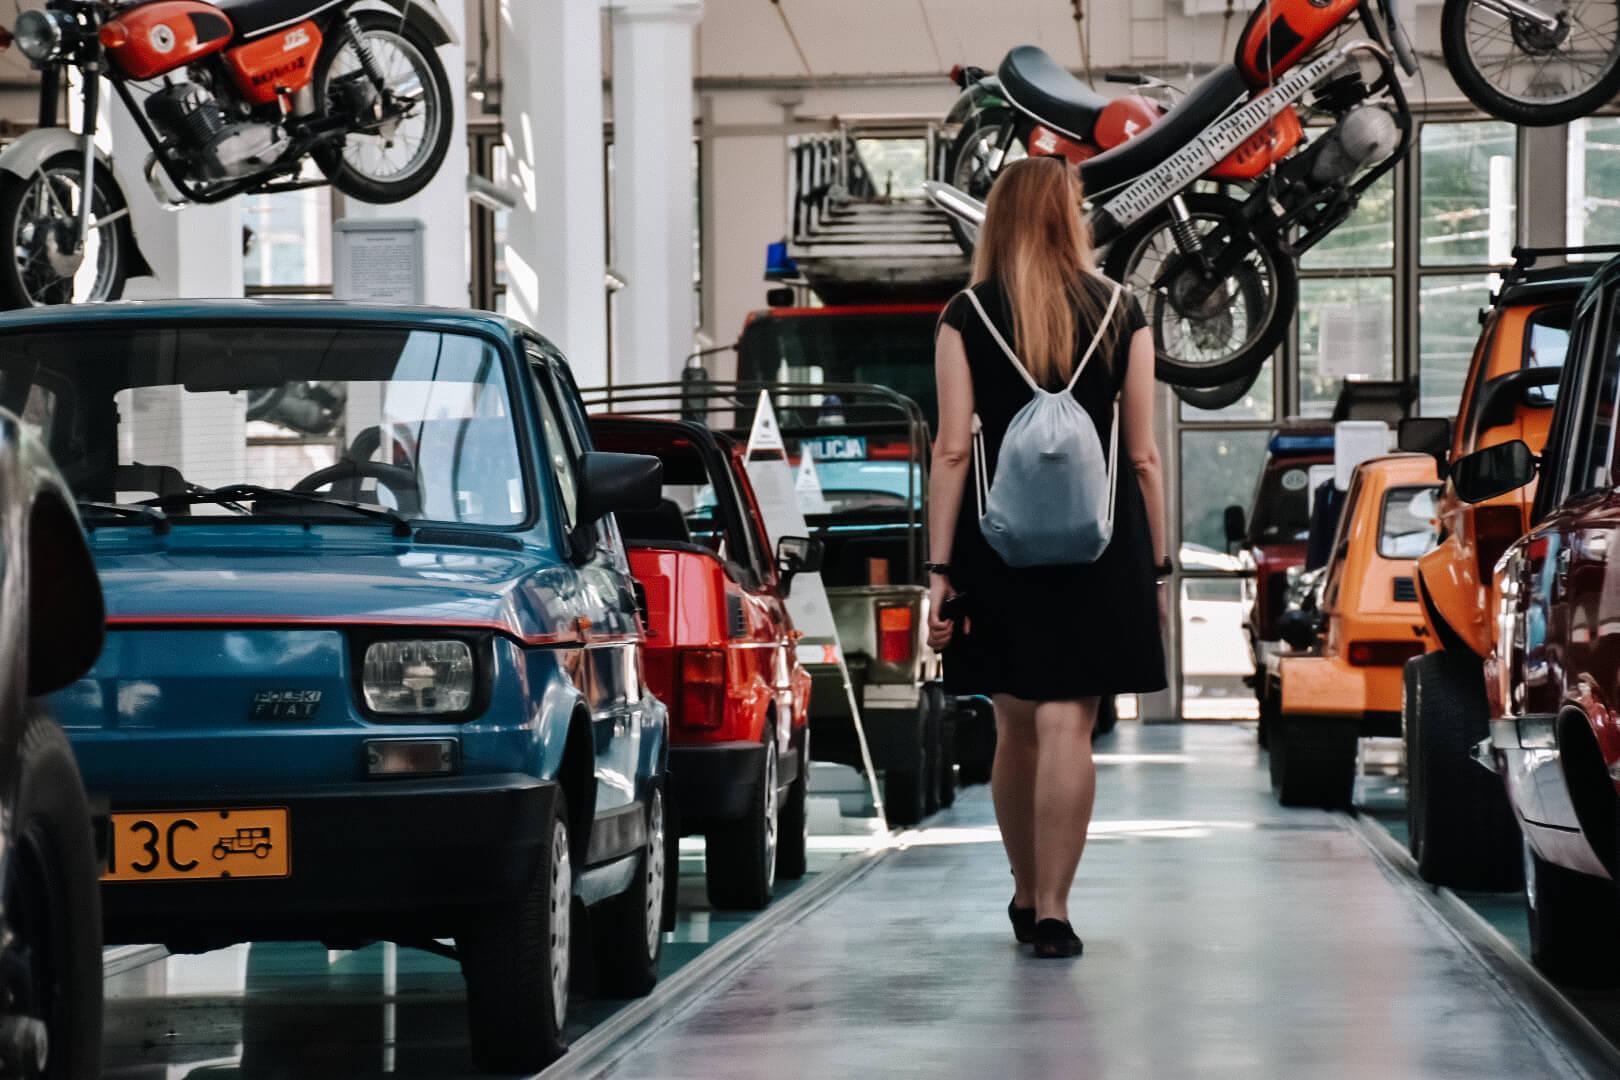 Dziewczyna w czarnej sukience przechadza się między starymi samochodami w Muzeum Techniki i Komunikacji Zajezdnia, Szczecin.